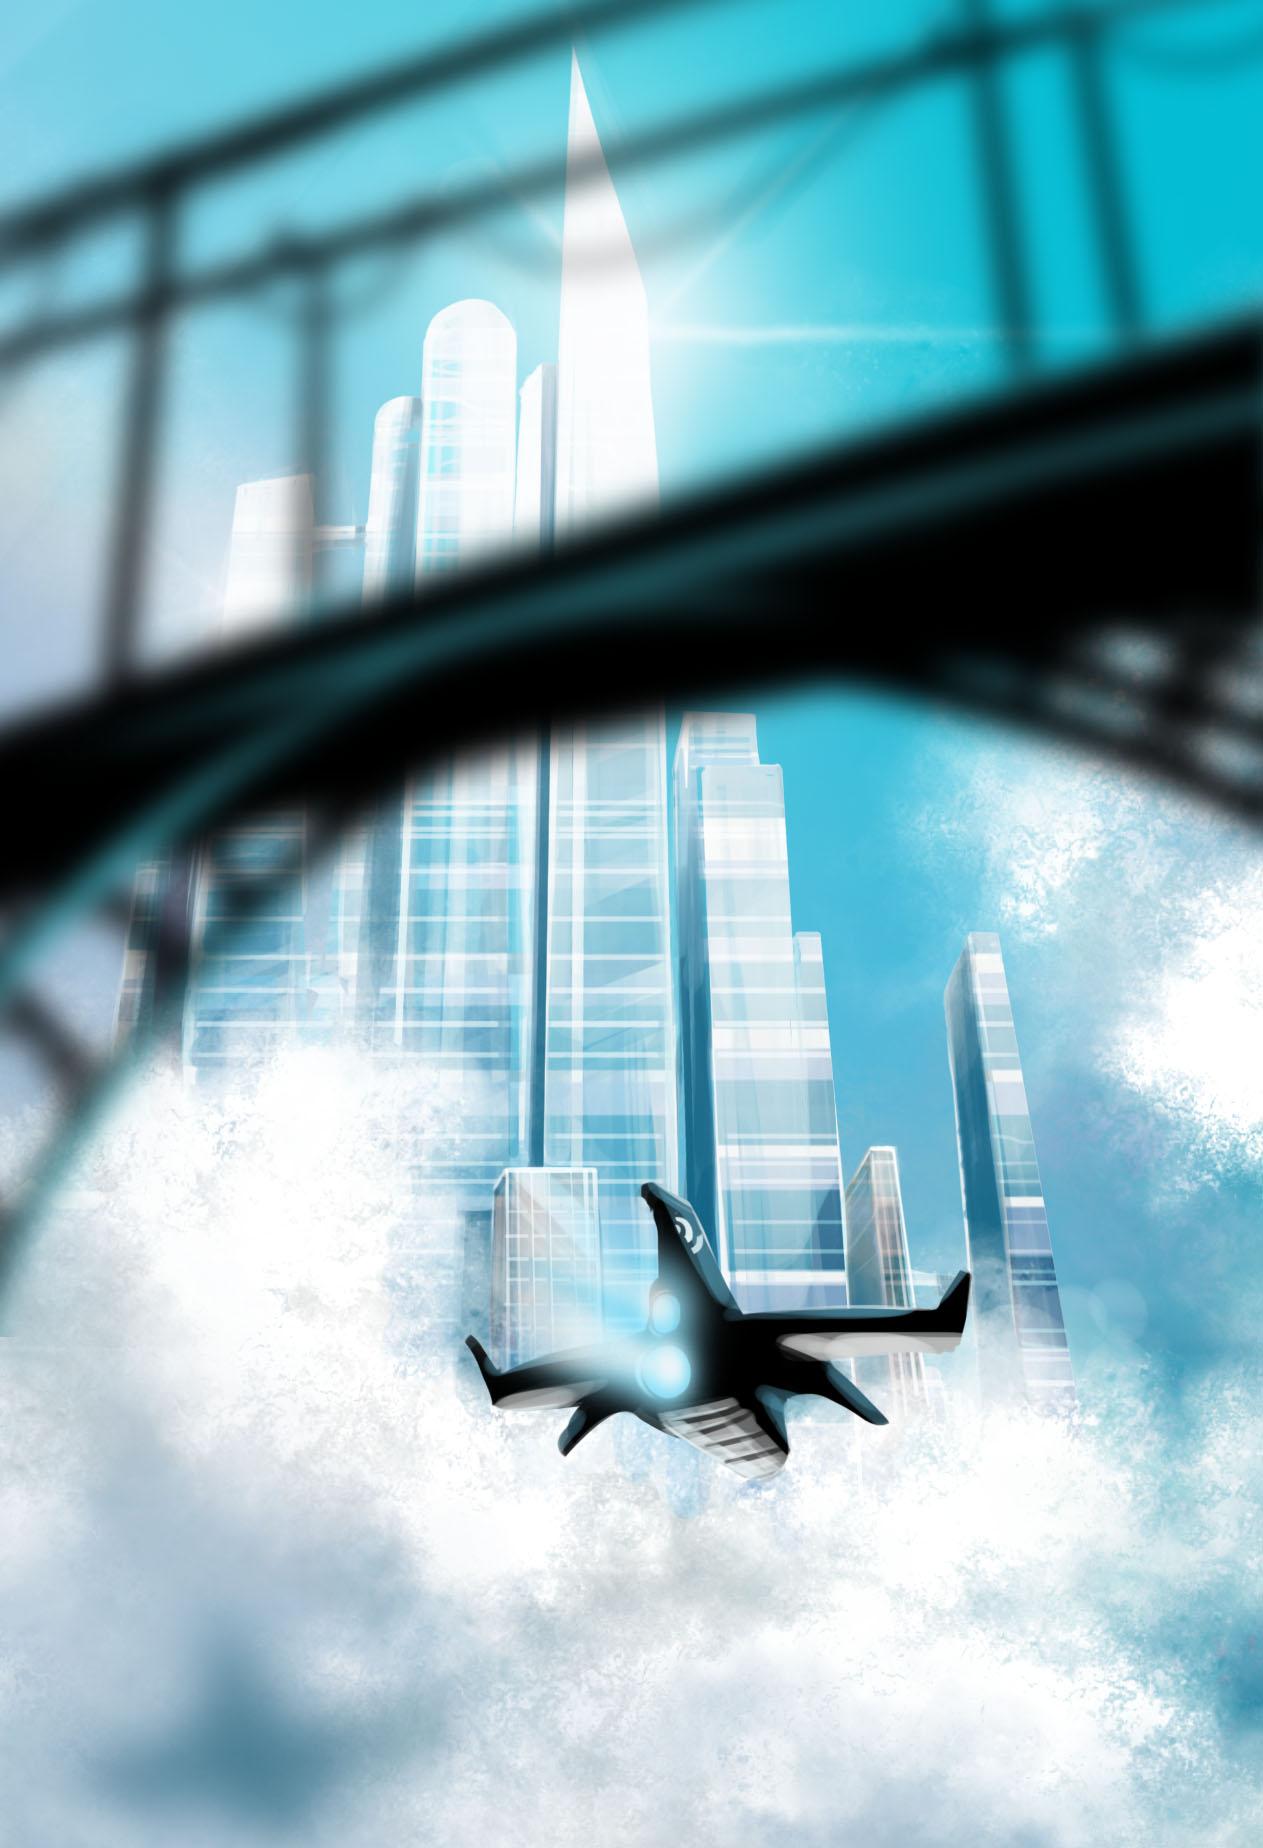 SkyCity (midday speedpainting)